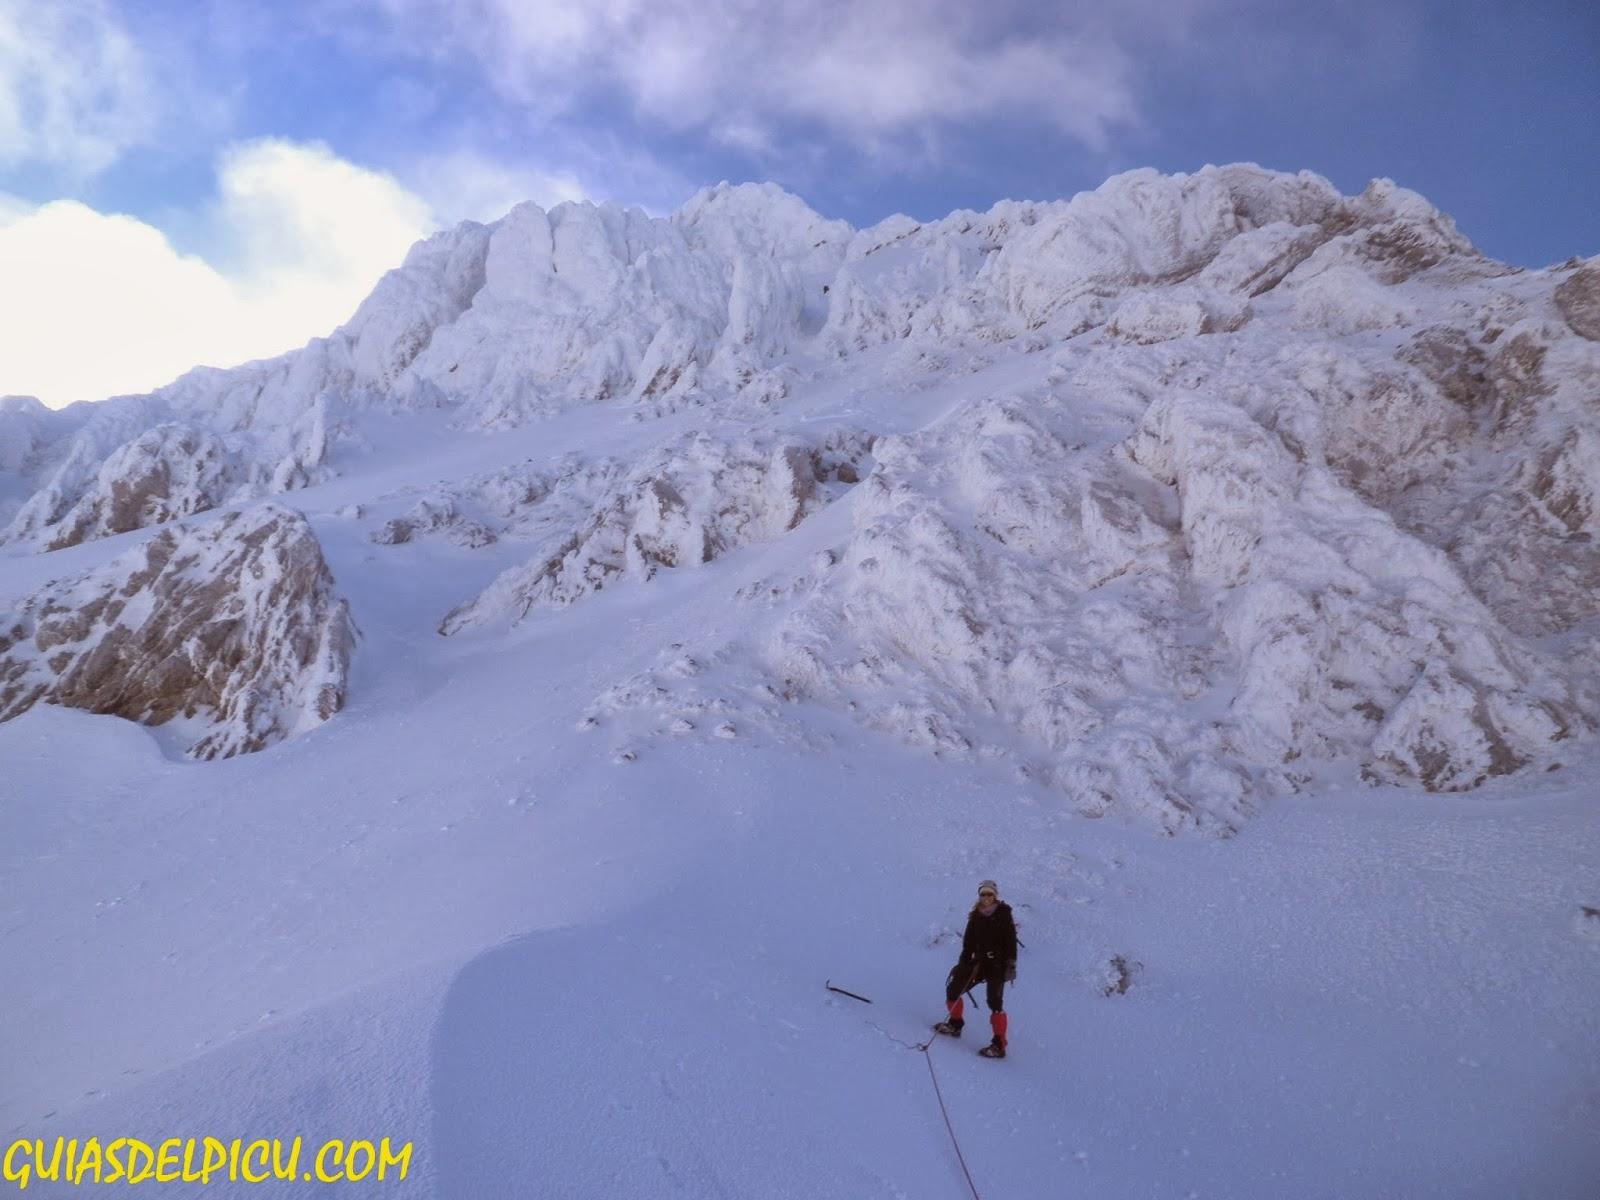 Guias de alta montaña , escaladas en el macizo de Ubiña,  guiasdelpicu.com , Fernando Calvo Guia de montaña